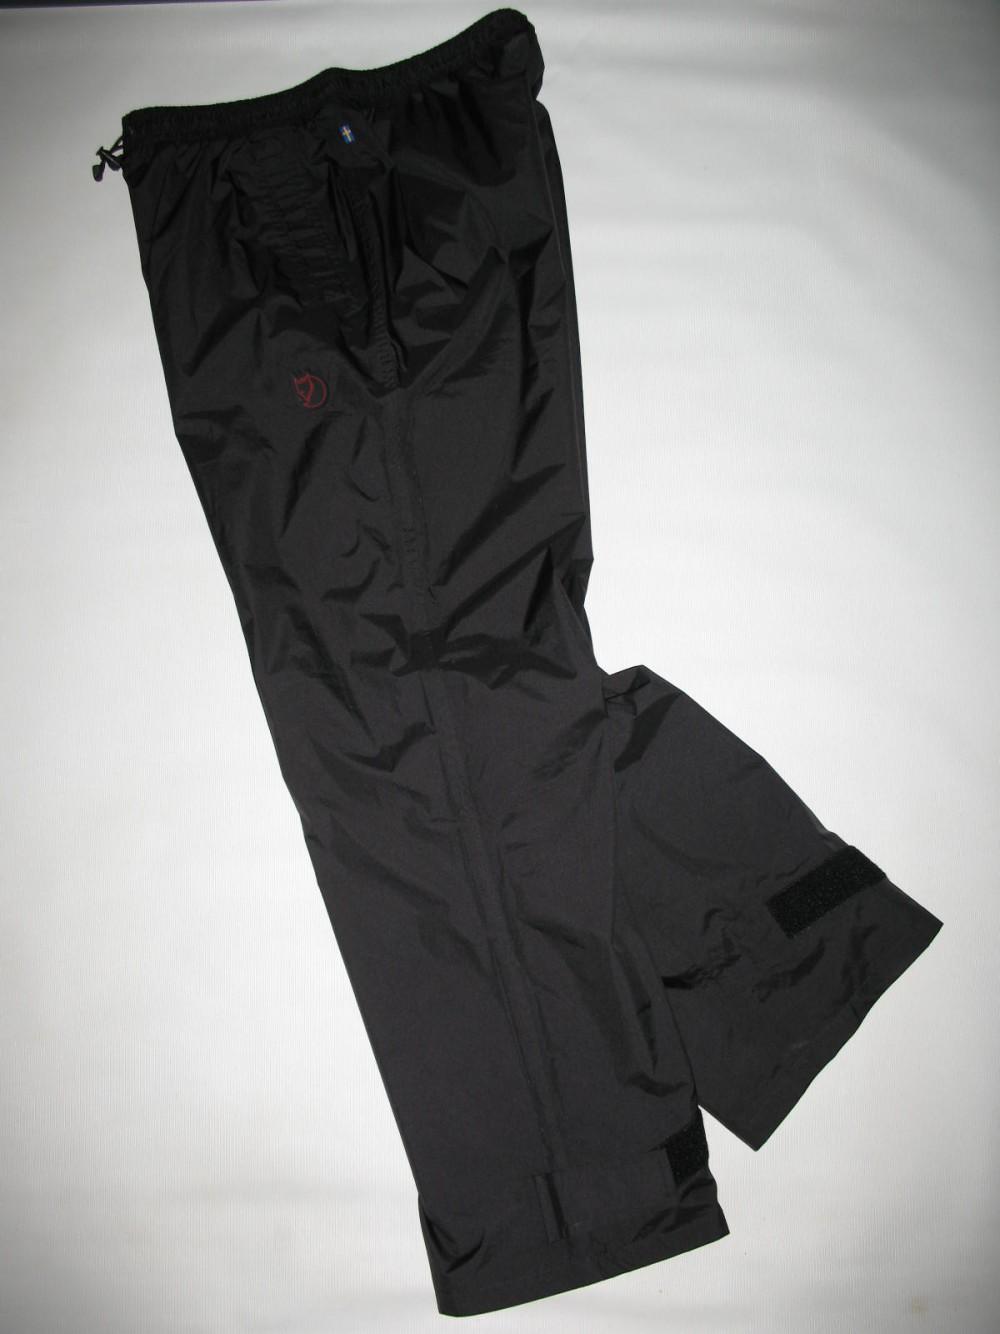 Штаны FJALLRAVEN storm pants (размер М/L) - 2